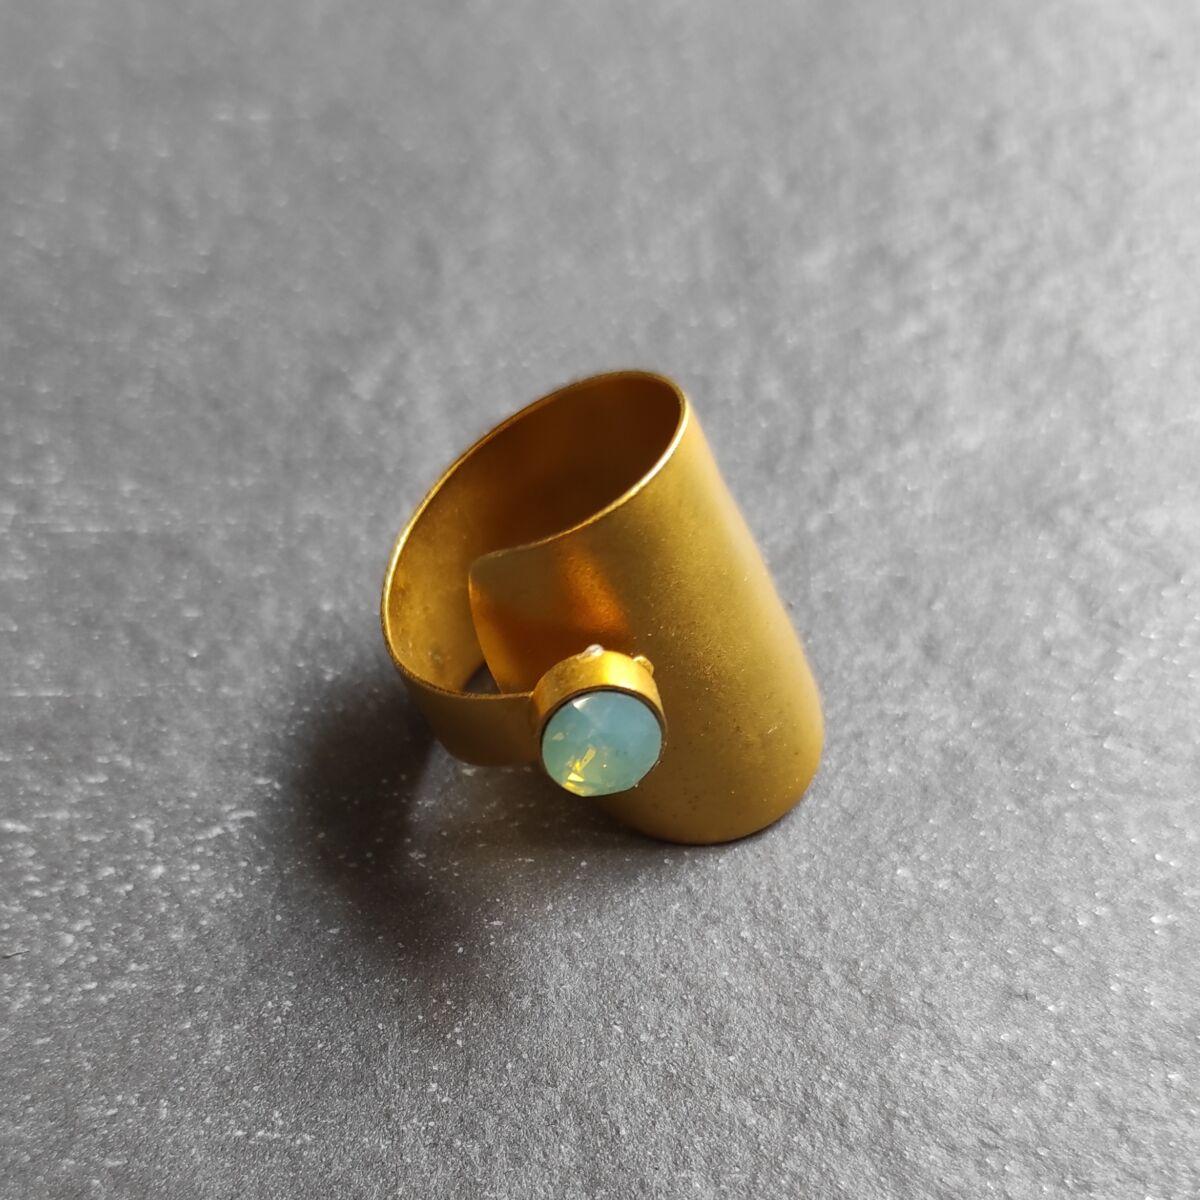 Δαχτυλίδι με πέτρα Αξεσουάρ Ρούχα αξεσουάρ 2